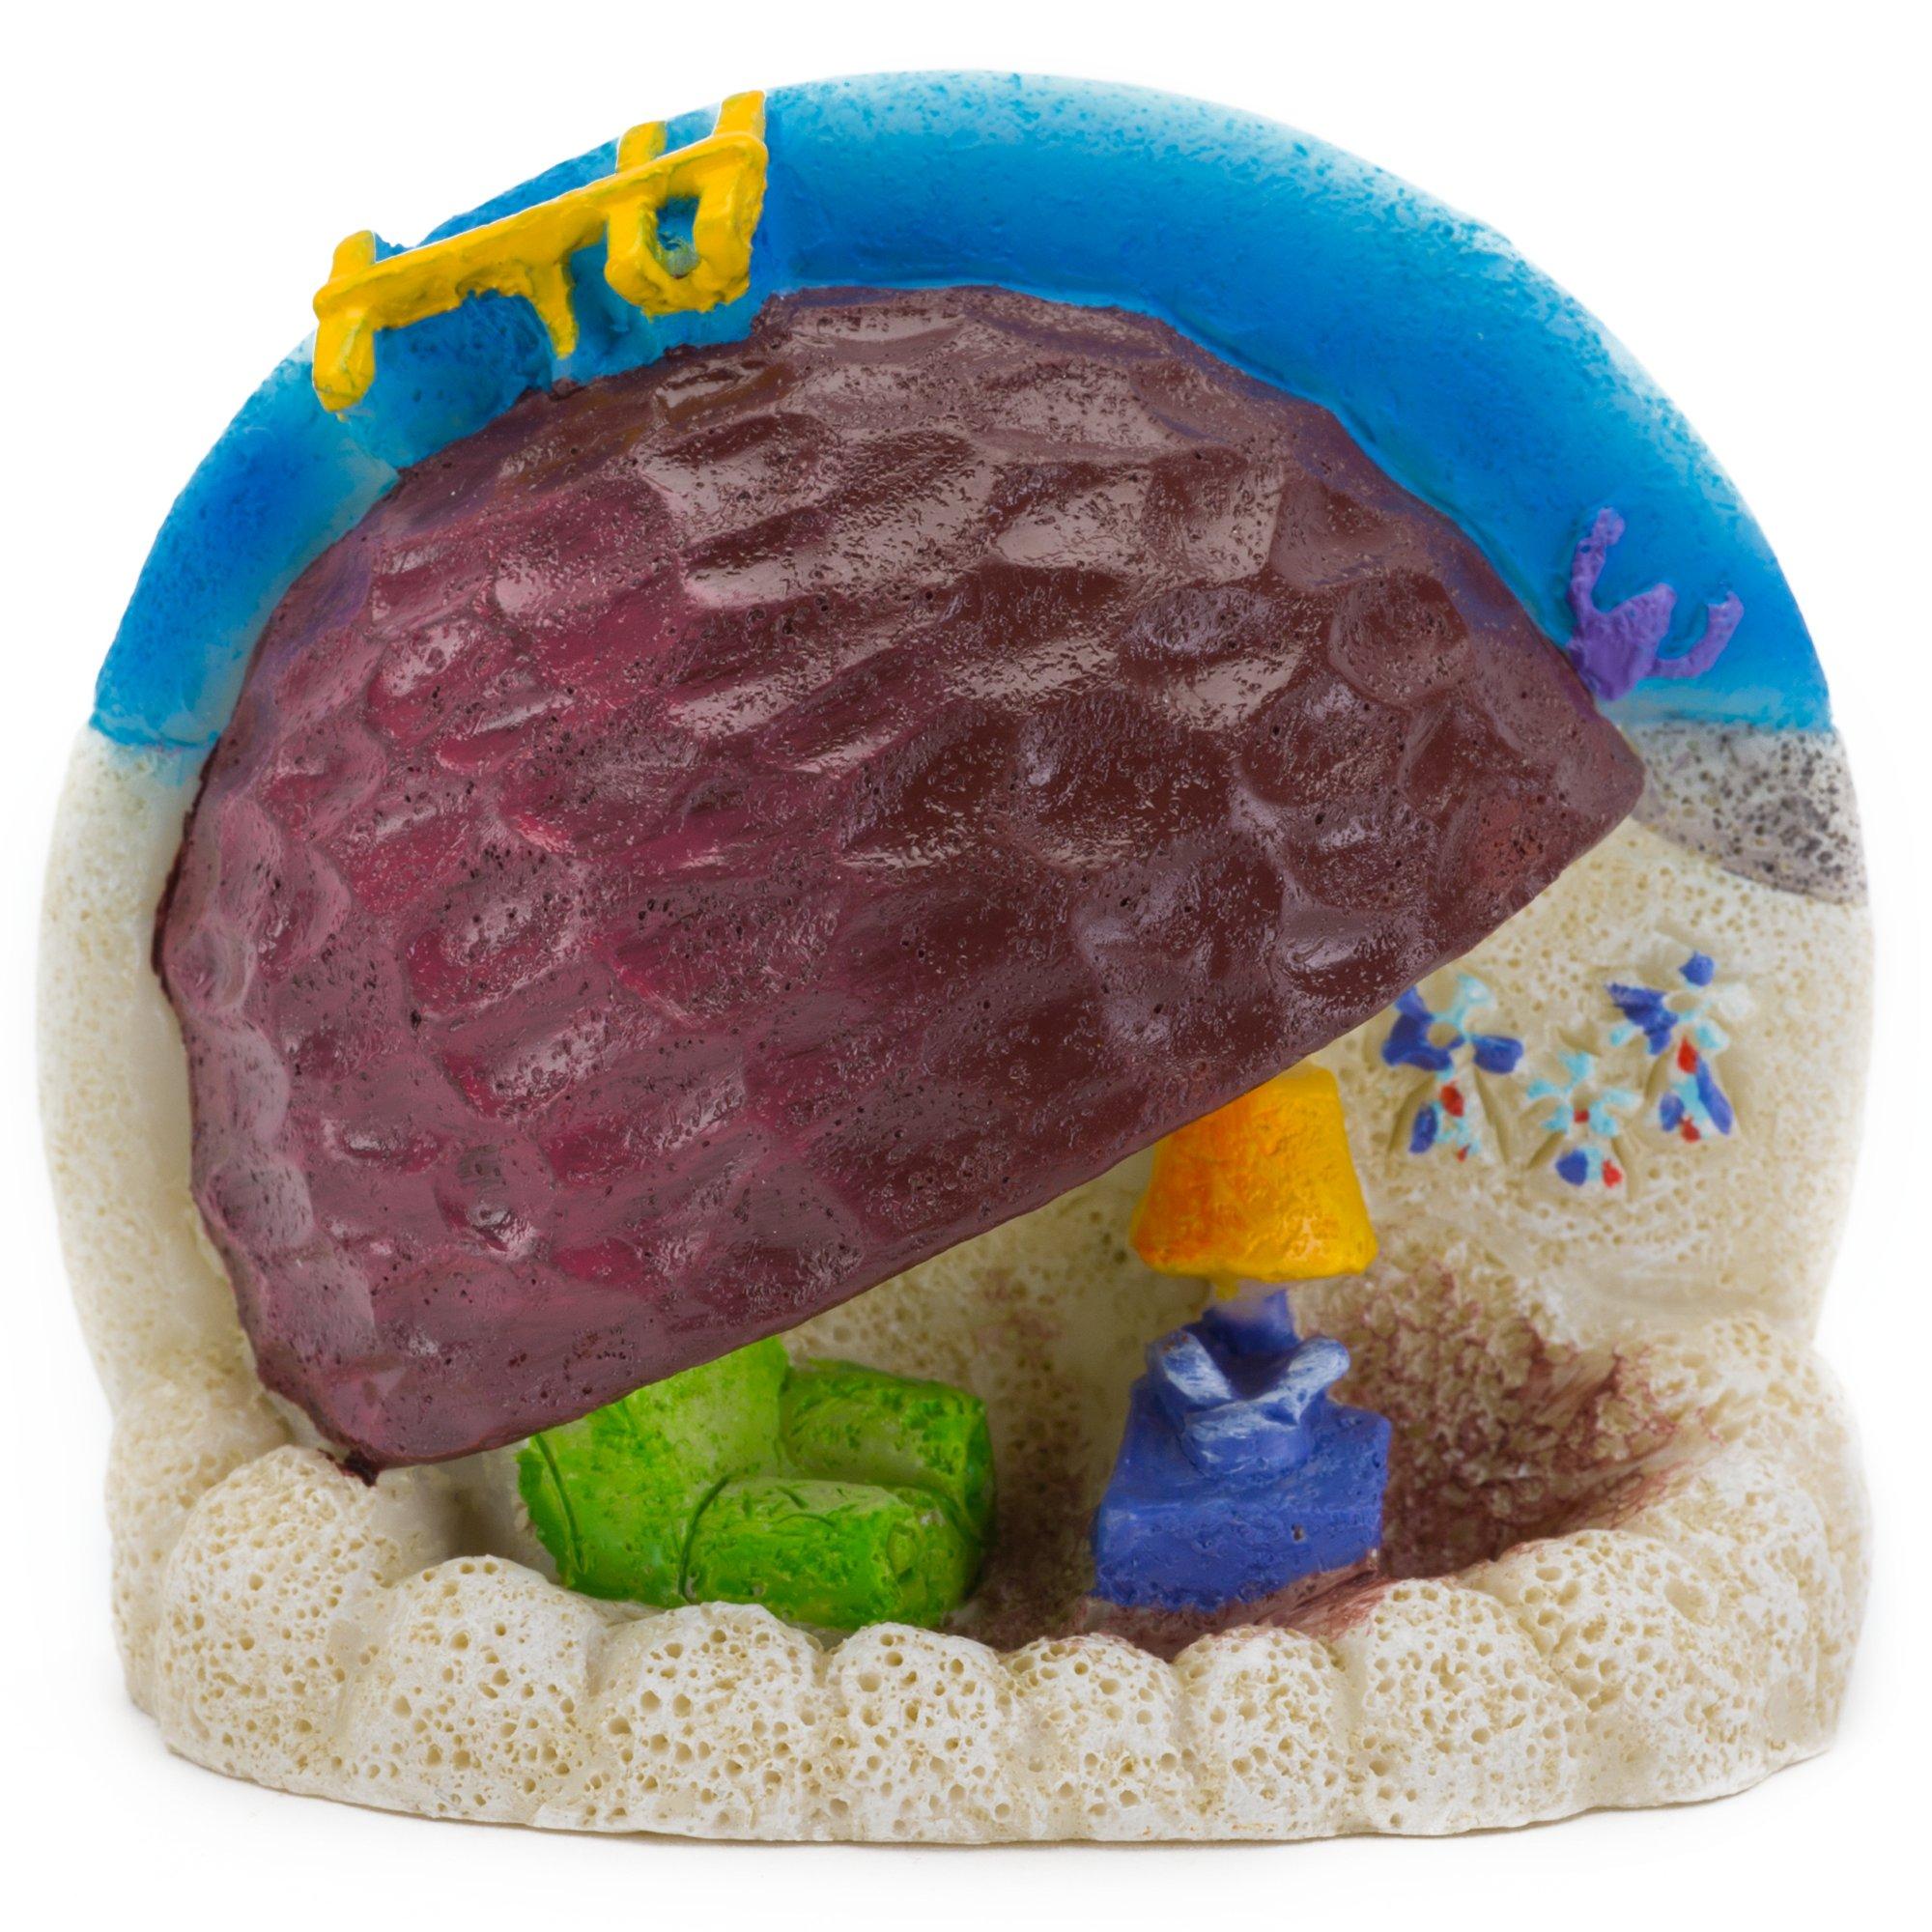 Penn plax spongebob patrick 39 s rock home aquarium ornament for Petco fish tank decor